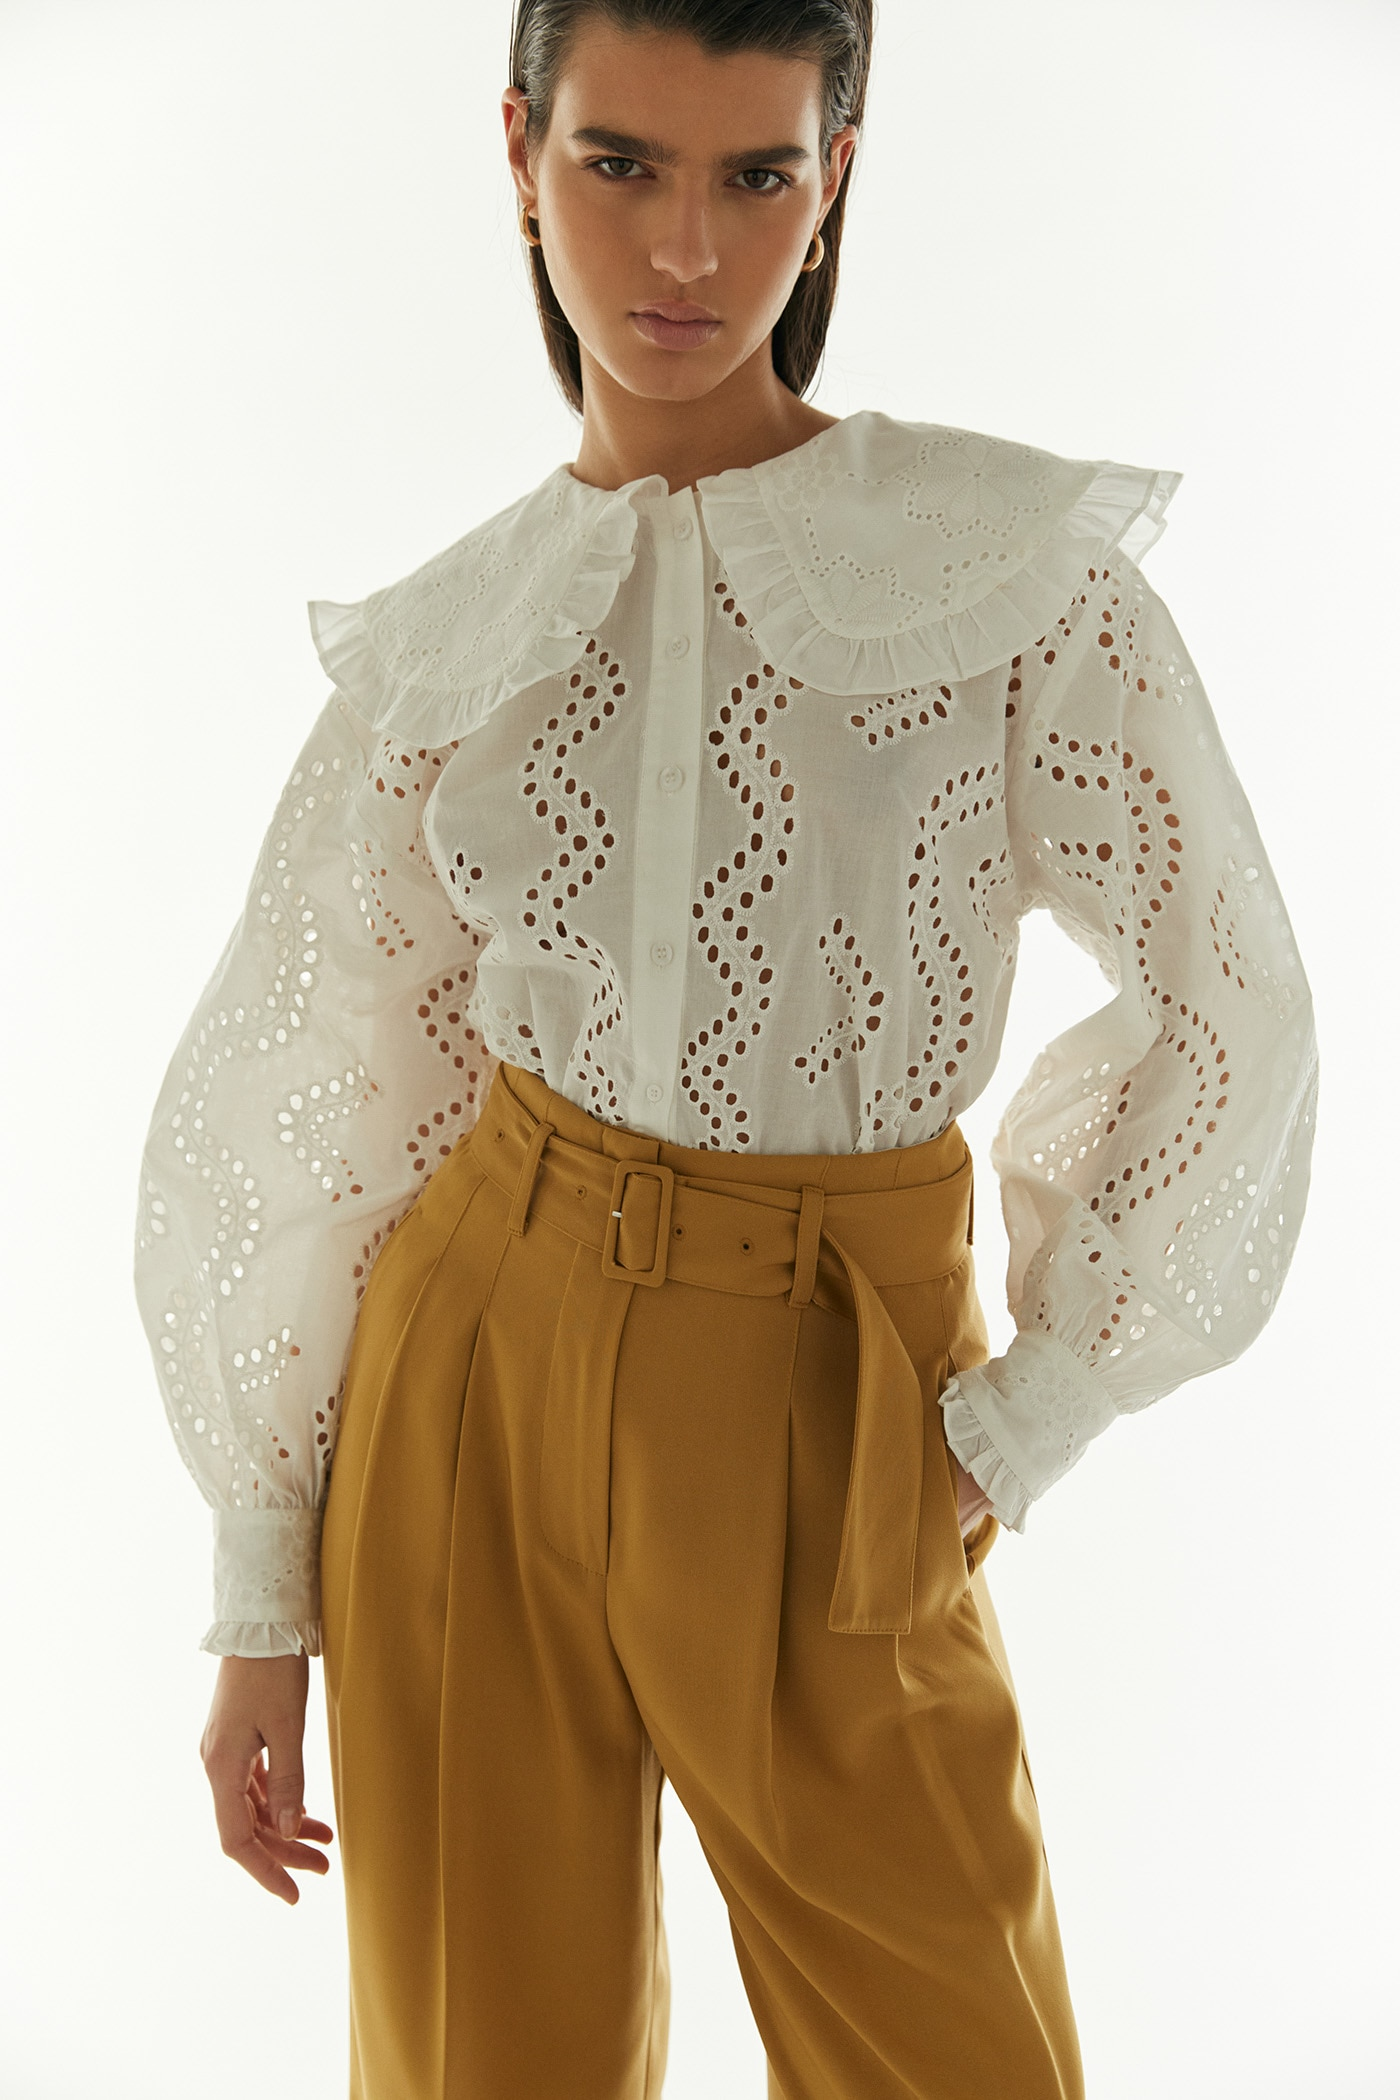 Camisa de mujer cuello babero 100% algodón.